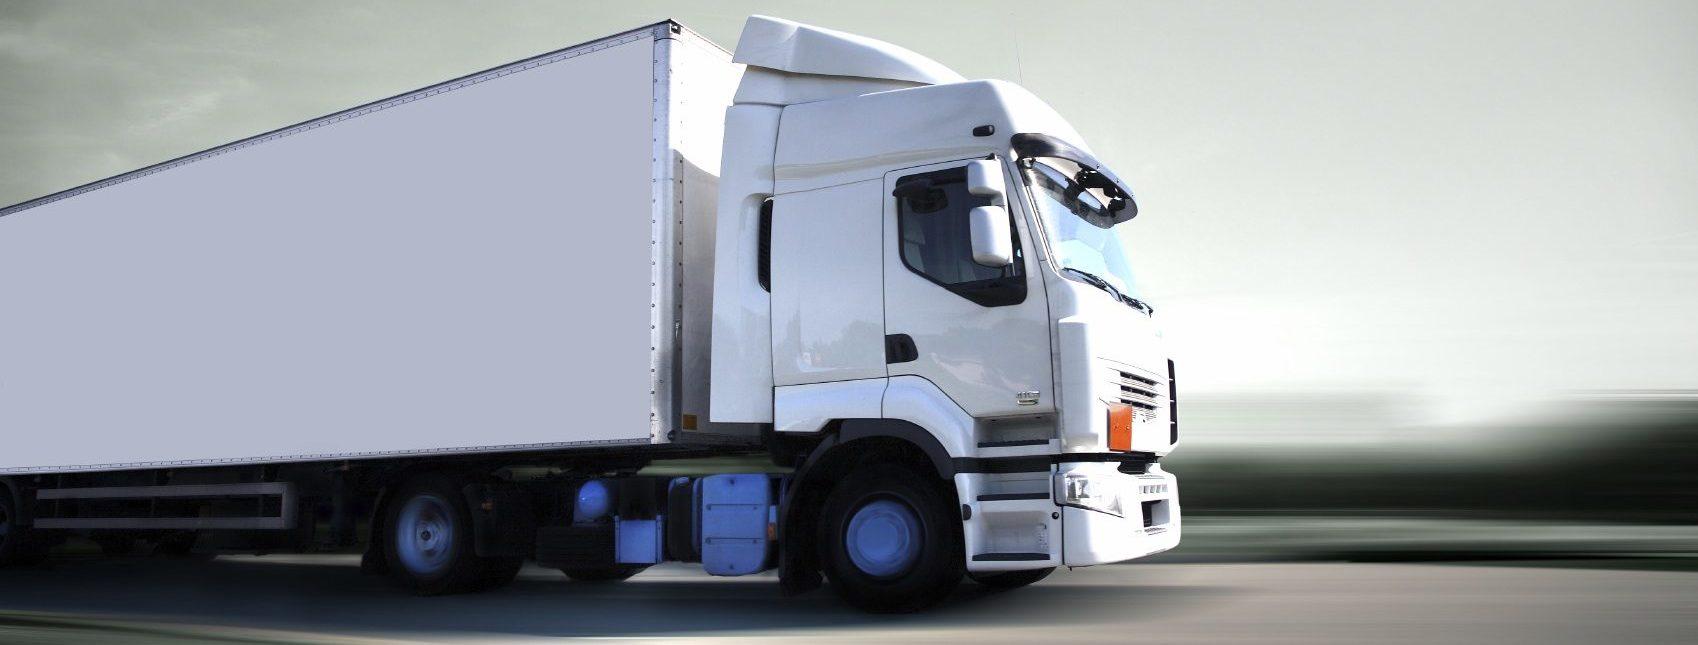 Forsberg flytte & budtjeneste - Vi flytter for både private og bedrifter